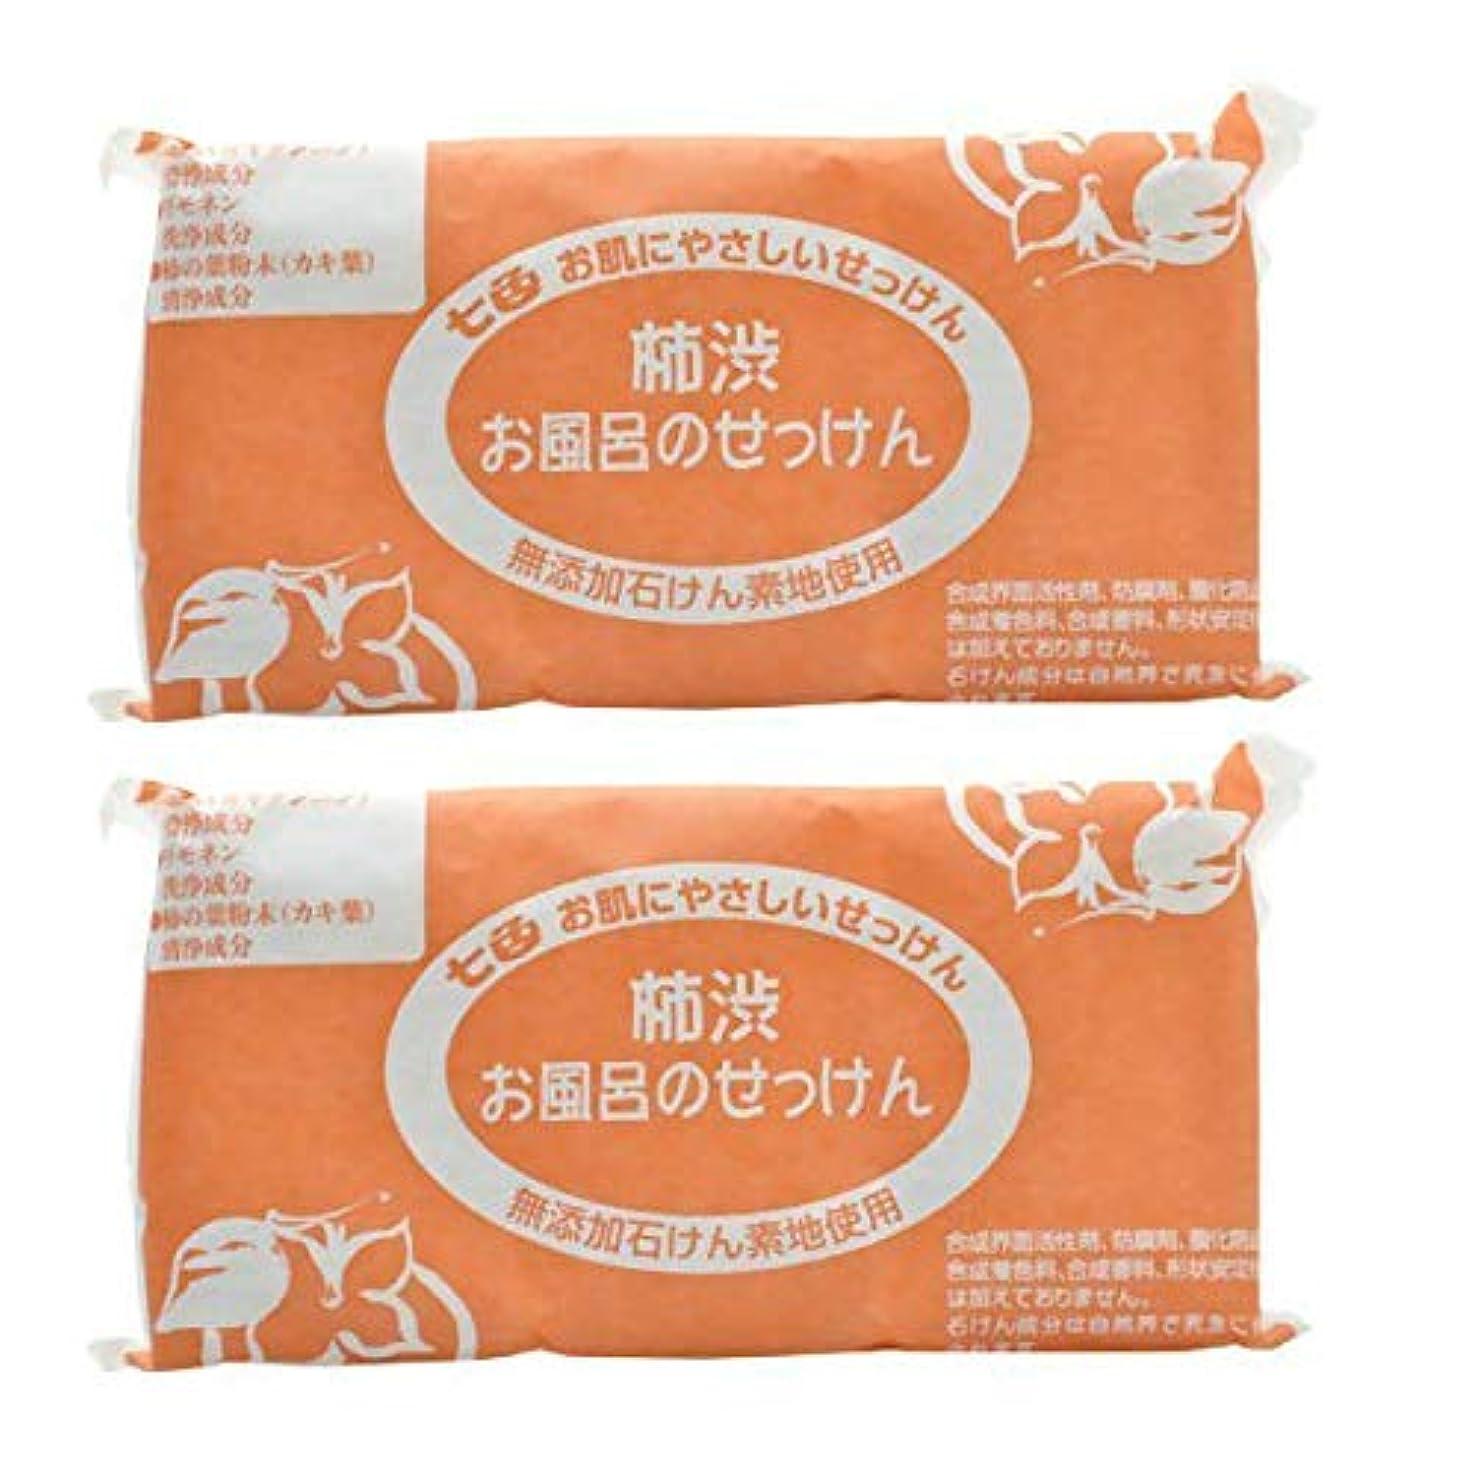 部屋を掃除する開業医フロンティア七色 お風呂のせっけん 柿渋(無添加石鹸) 100g×3個入×2セット